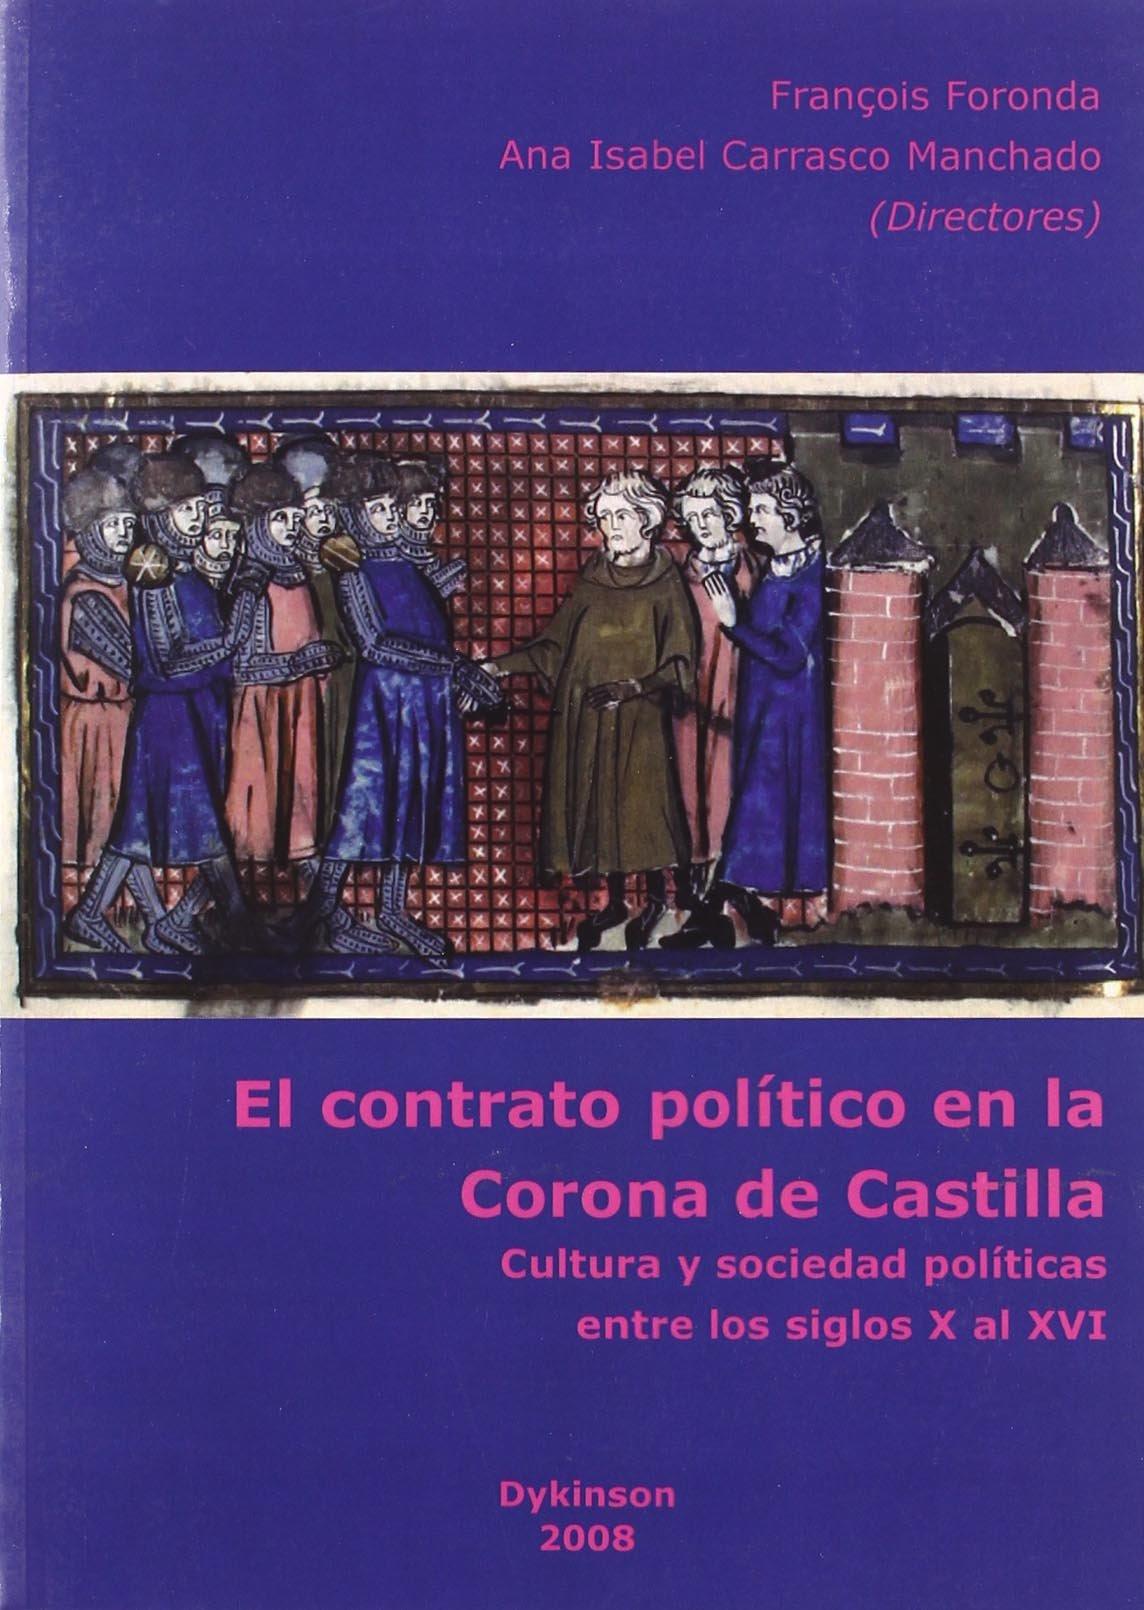 El contrato pol¡tico en la Corona de Castilla: Cultura y sociedad pol¡ticas entre los siglos X al XVI: Amazon.es: François Foronda, Ana Isabel Carrasco ...